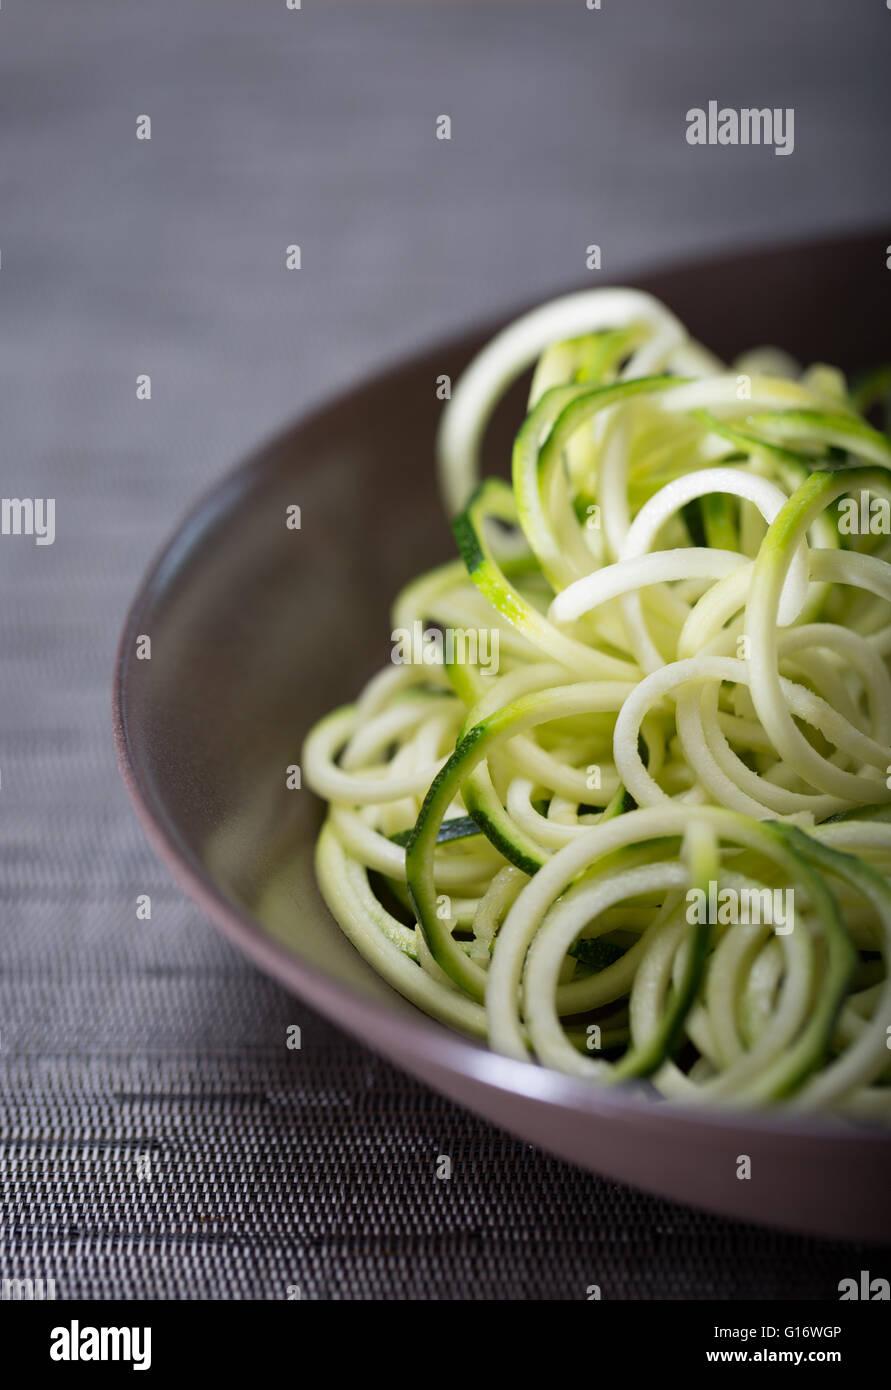 Una ciotola di zucchine (zucchine) tagliatelle (spaghetti) realizzato utilizzando un spiralizer Immagini Stock